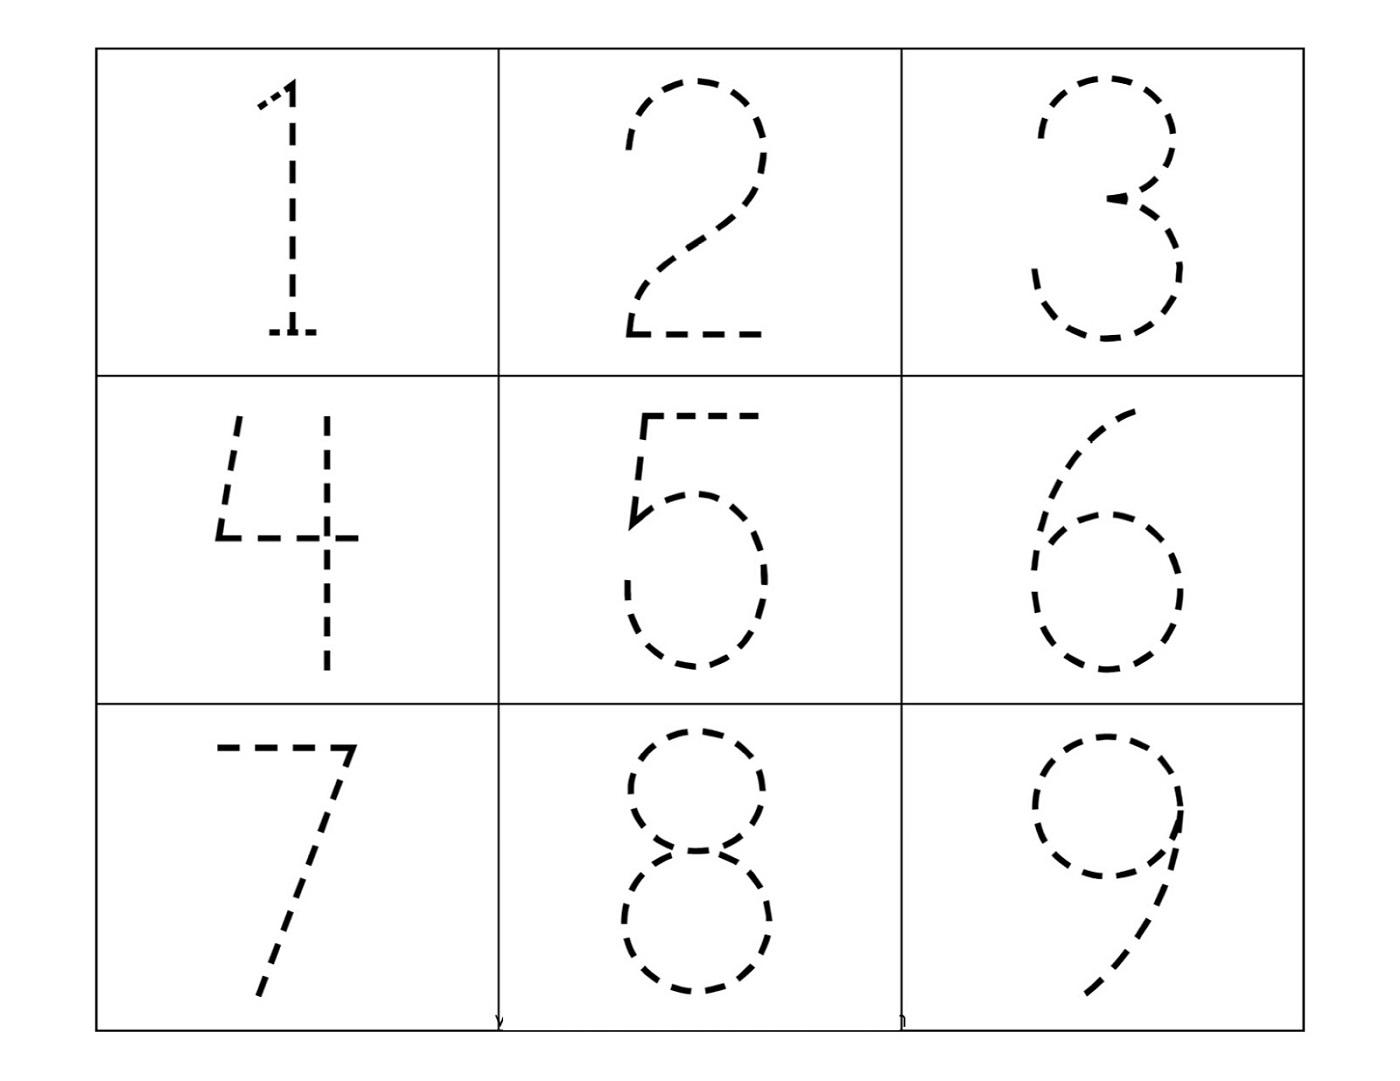 Preschool Traceables Fun Worksheets Learning Printable